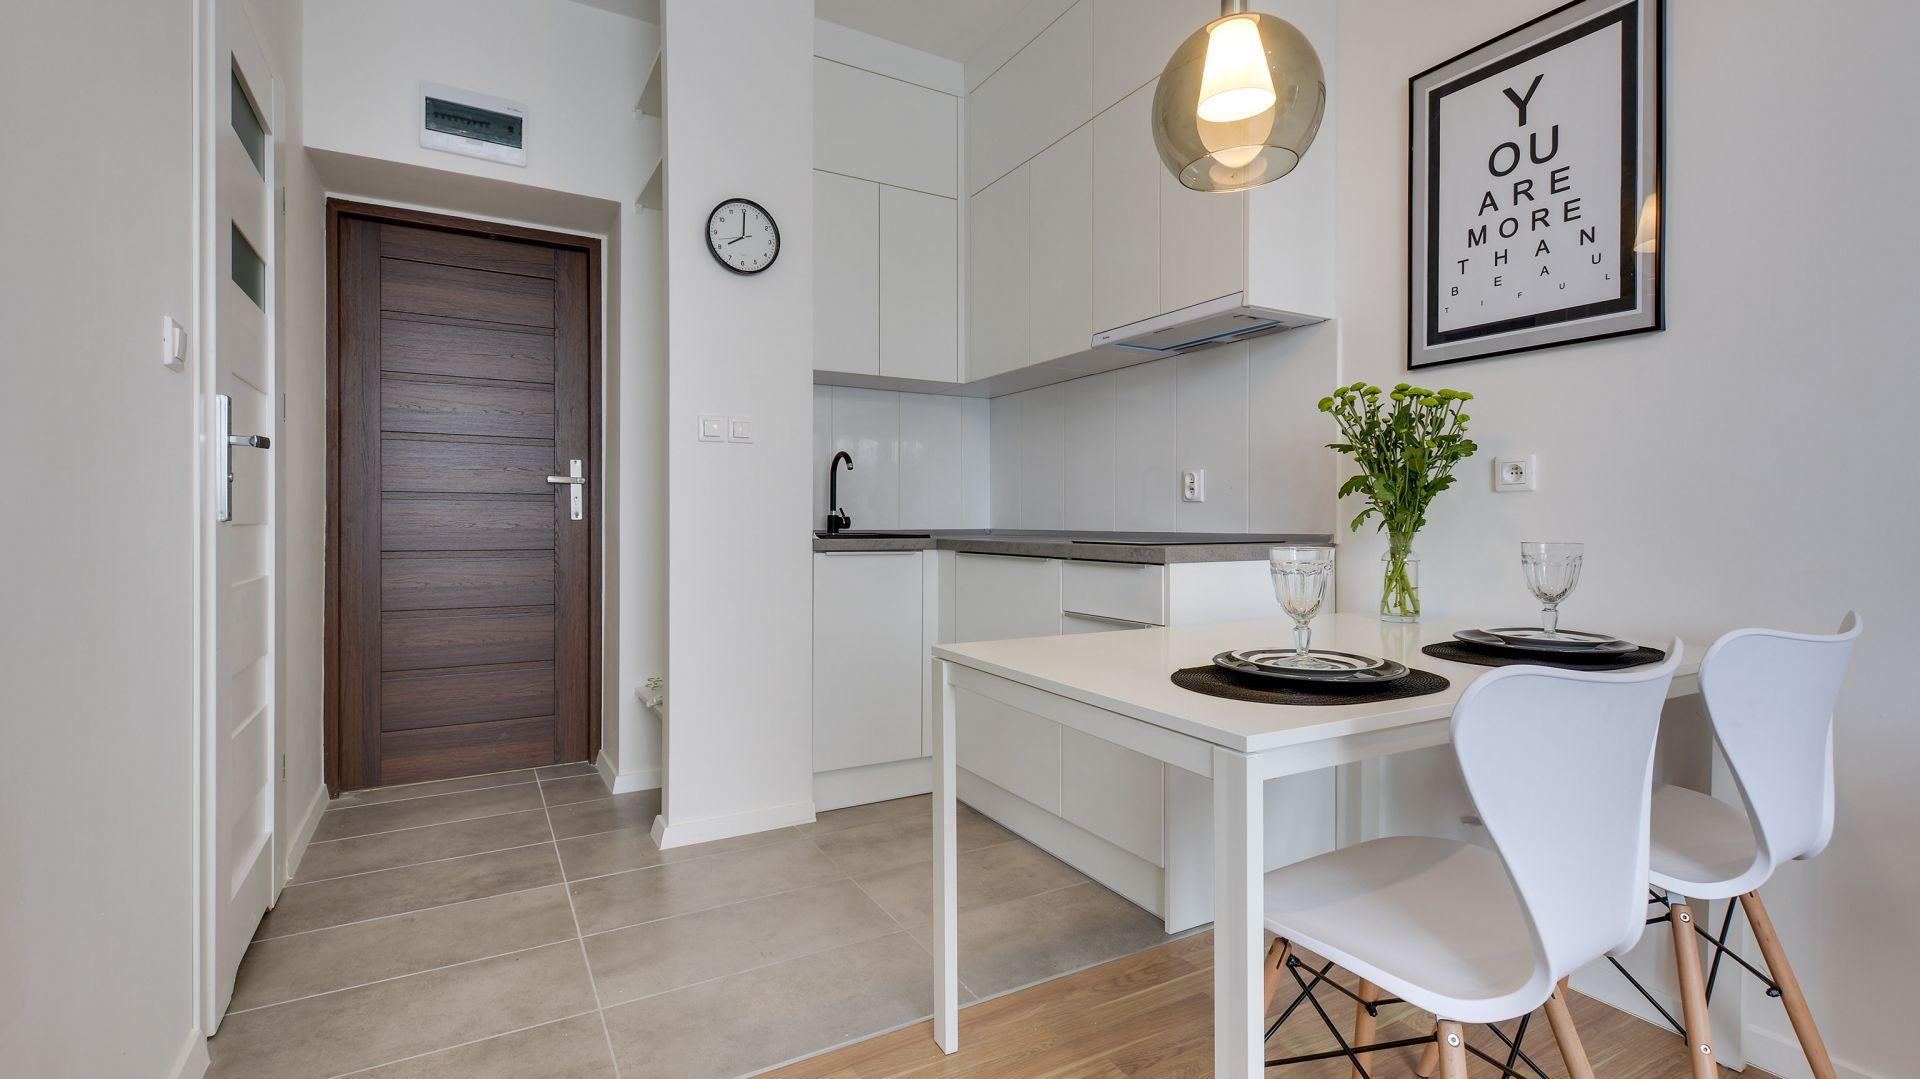 Biała kuchnia w małych wnętrzach. 12 pięknych zdjęć. Projekt Małgorzata Mataniak-Pakuła. Fot. Radosław Sobik